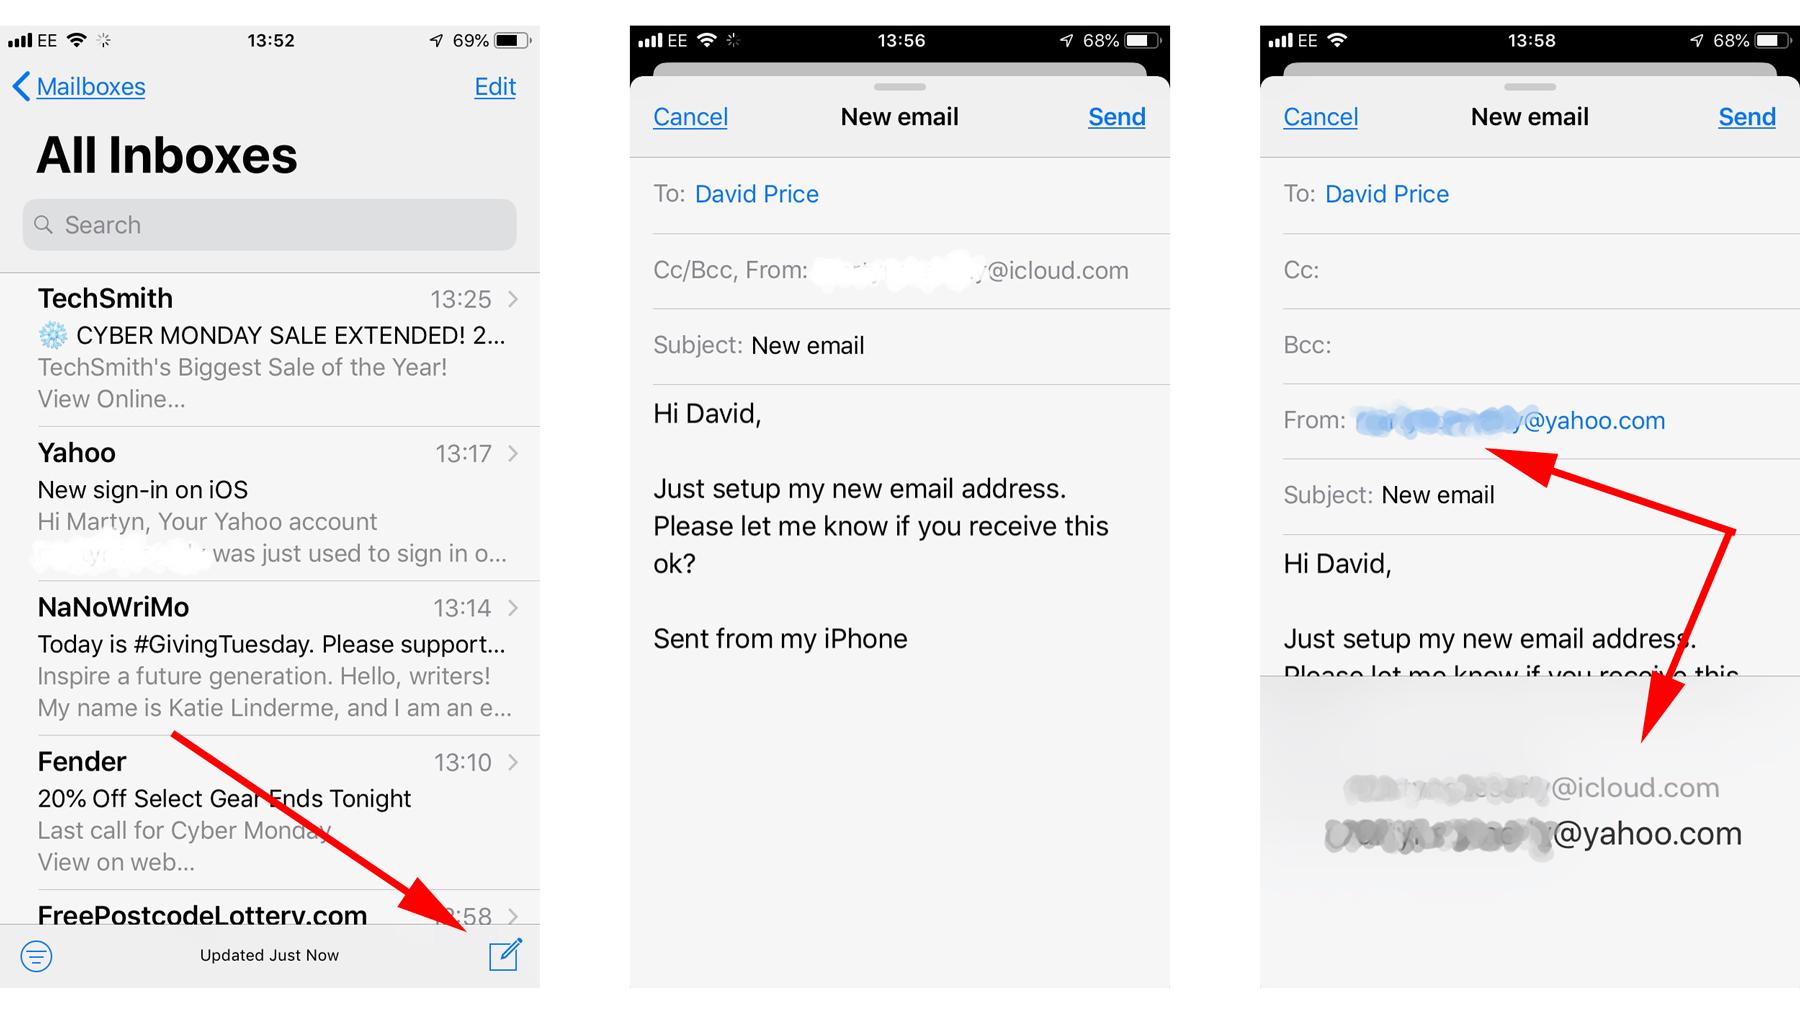 Cómo configurar y enviar correos electrónicos en iPhone o iPad: Enviar correo electrónico de prueba